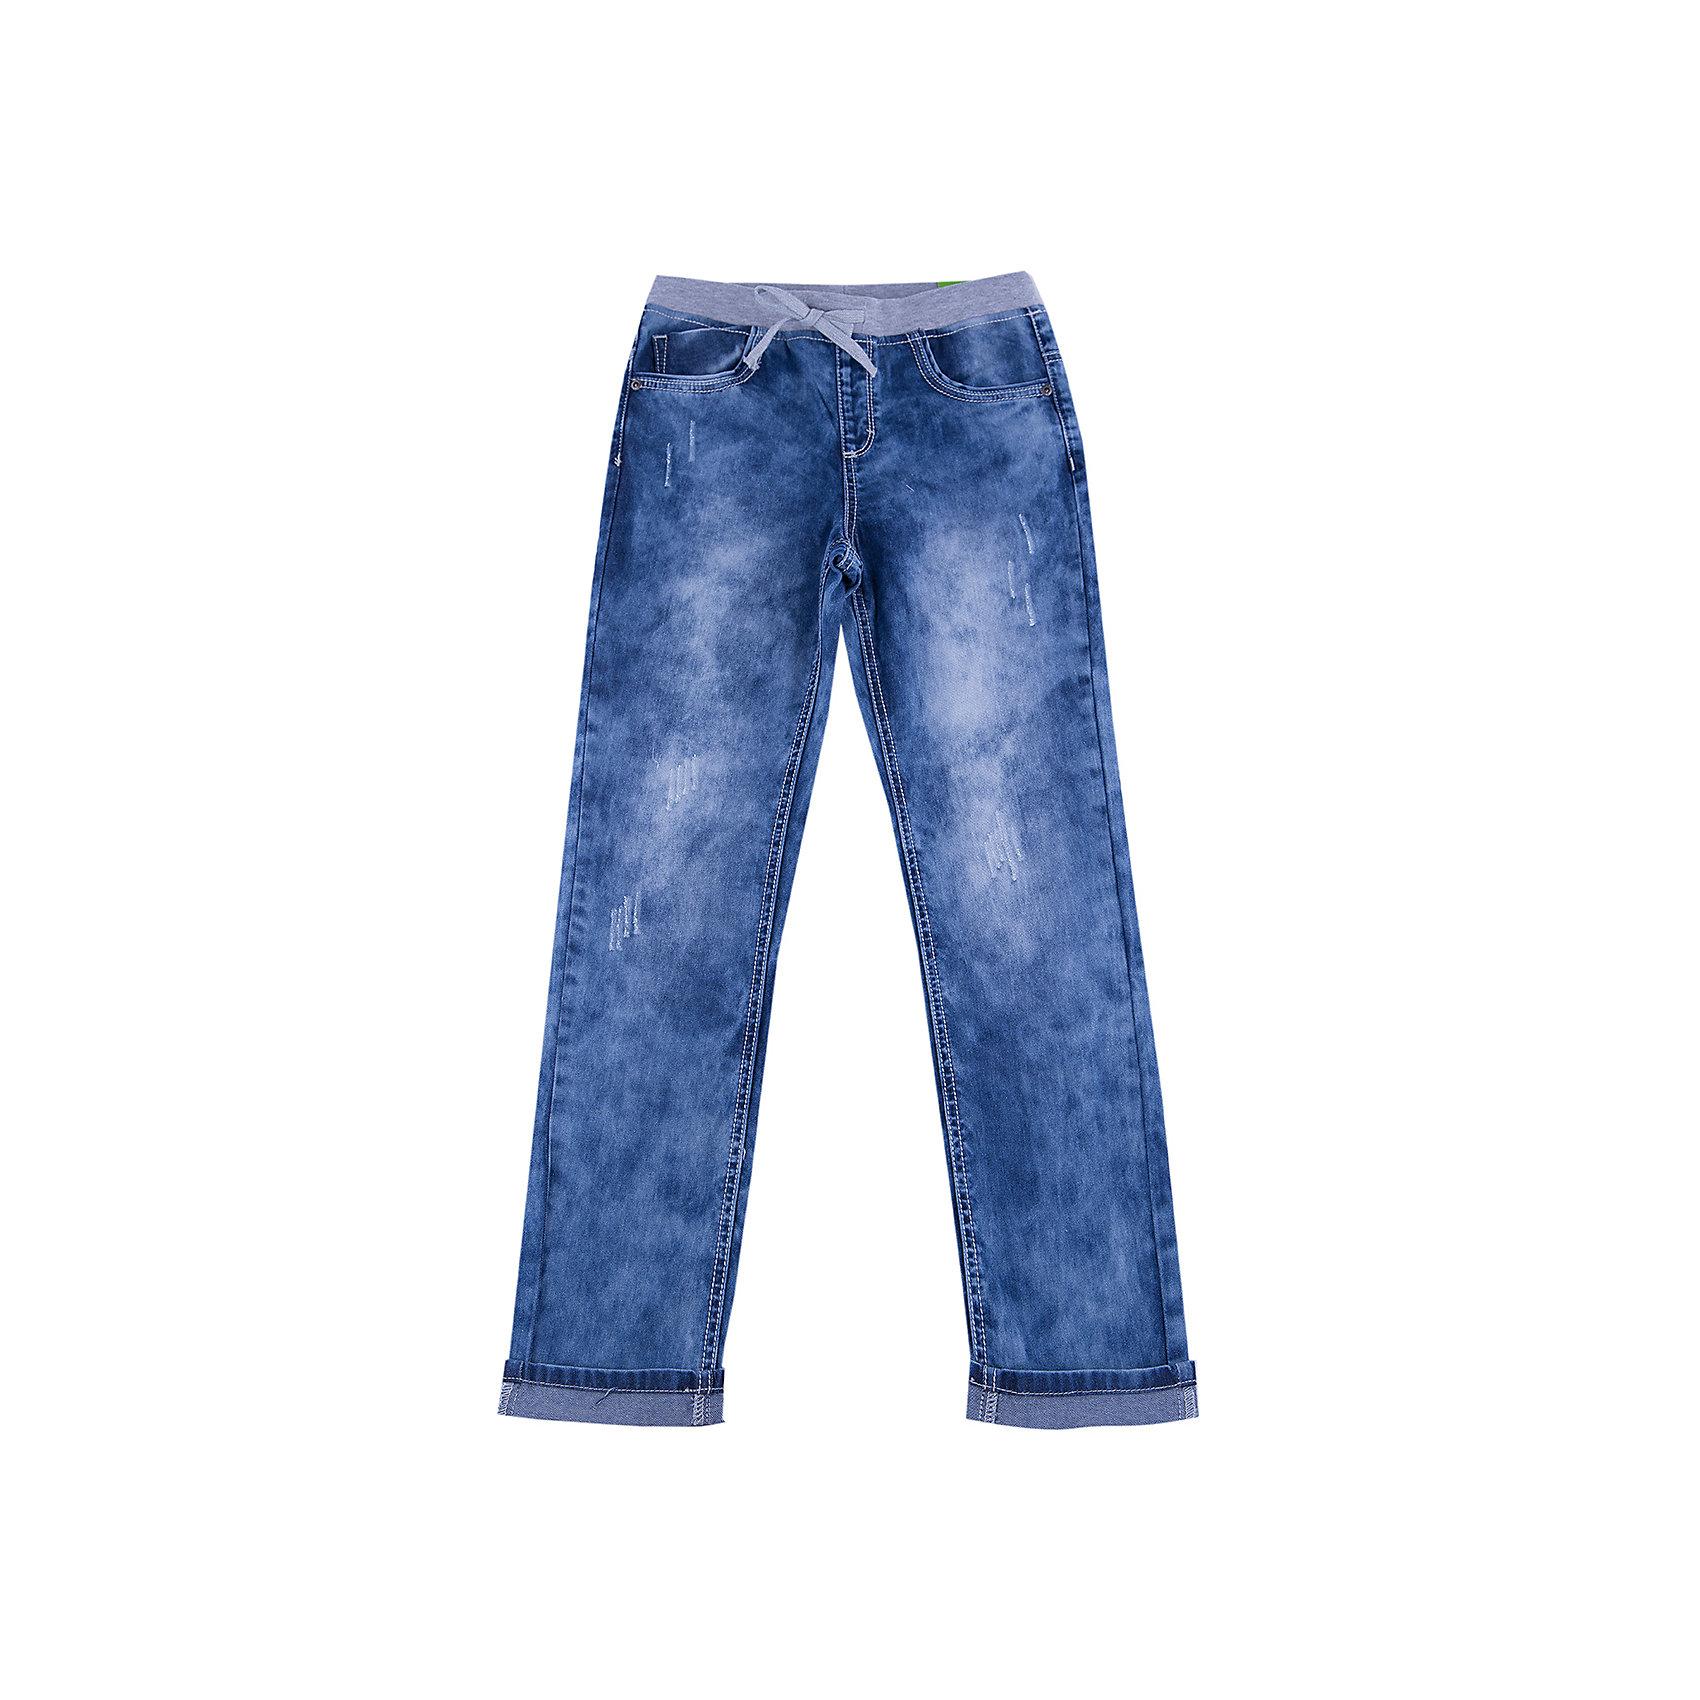 Джинсы для мальчика ScoolДжинсы<br>Джинсы для мальчика из коллекции «Скорость» от известного бренда Scool. Стильные джинсы на каждый день синего «вареного» цвета сделаны из хлопка. Джинсы на серой резинке со шнурком, имеют классические 5 карманов, прекрасно подойдут как к рубашкам, так и к футболкам. Штанины рассчитаны на подворот. Эти джинсыпридут по вкусу вашему чемпиону.<br><br>Дополнительная информация:<br>- Силуэт: зауженный <br><br>Состав: 100% хлопок <br><br>Джинсы для мальчиков Scool можно купить в нашем интернет-магазине.<br><br>Подробнее:<br>• Для детей в возрасте: от 9 до 13 лет<br>• Номер товара: 4911444<br>Страна производитель: Китай<br><br>Ширина мм: 215<br>Глубина мм: 88<br>Высота мм: 191<br>Вес г: 336<br>Цвет: синий<br>Возраст от месяцев: 120<br>Возраст до месяцев: 132<br>Пол: Мужской<br>Возраст: Детский<br>Размер: 146,158,152,164,140,134<br>SKU: 4911450